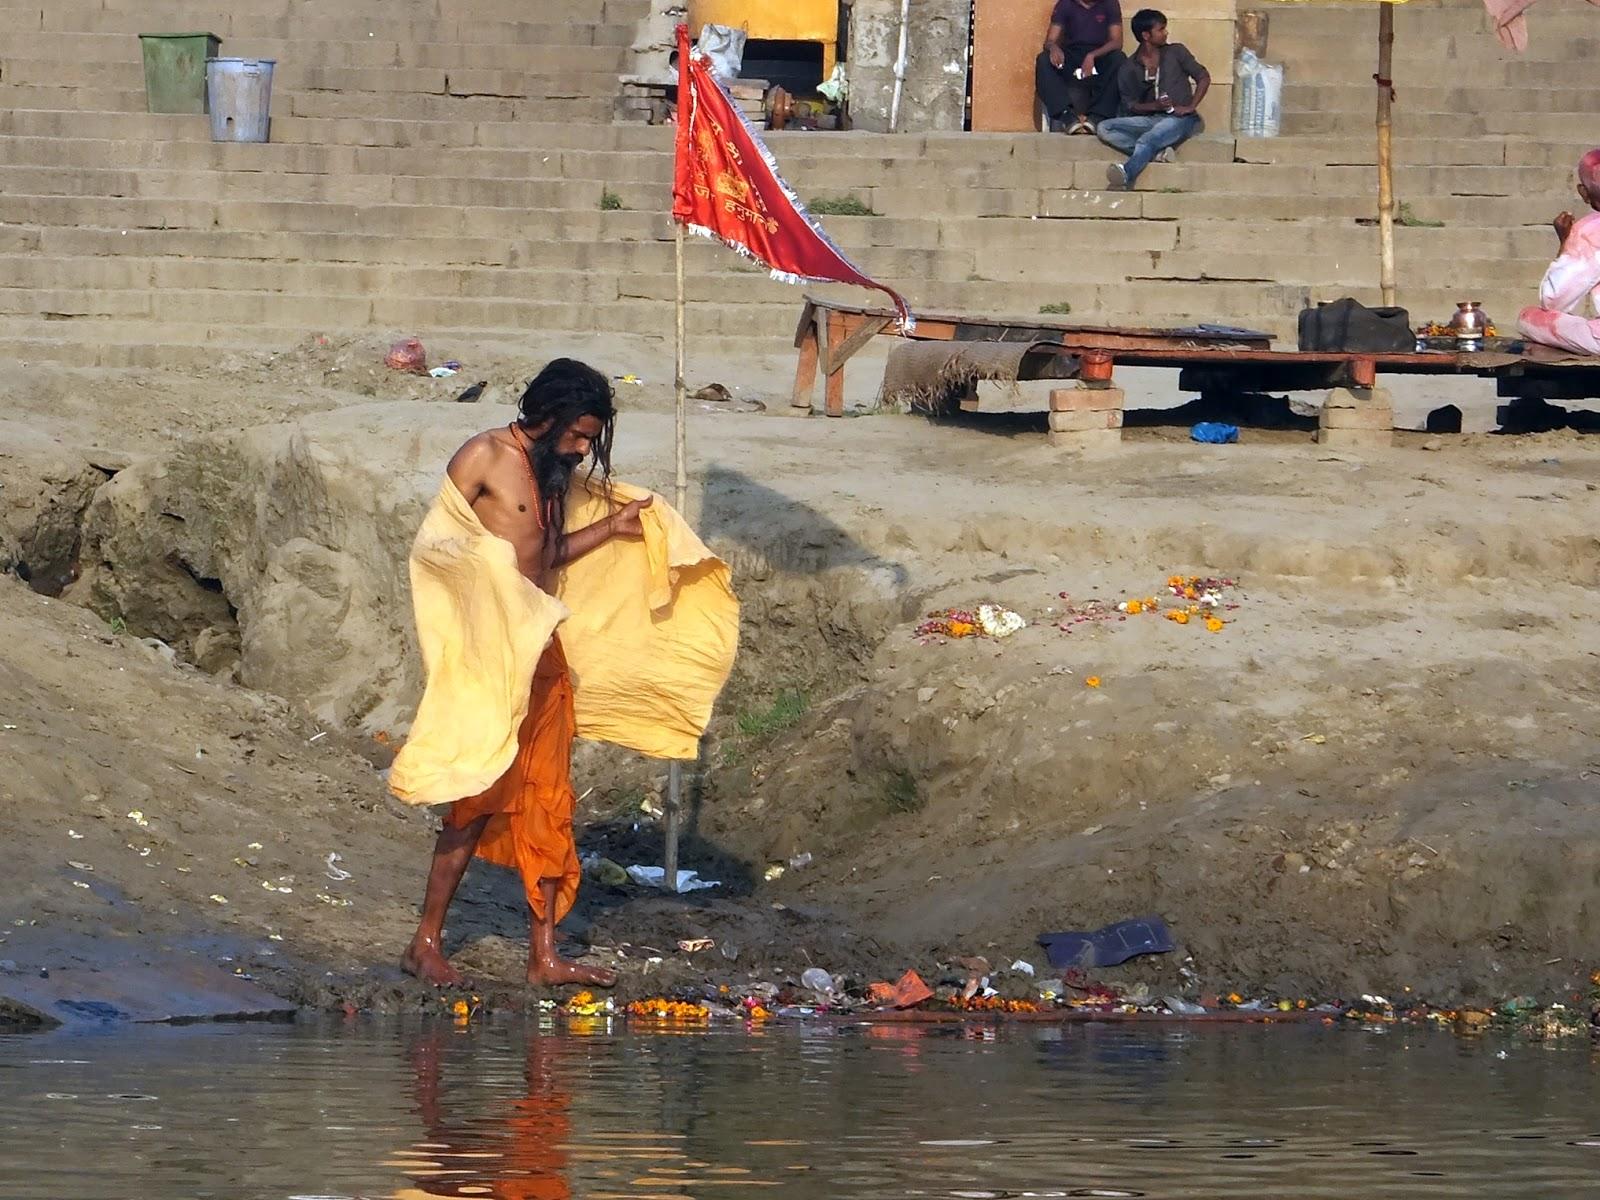 утренние водные процедуры в Индии